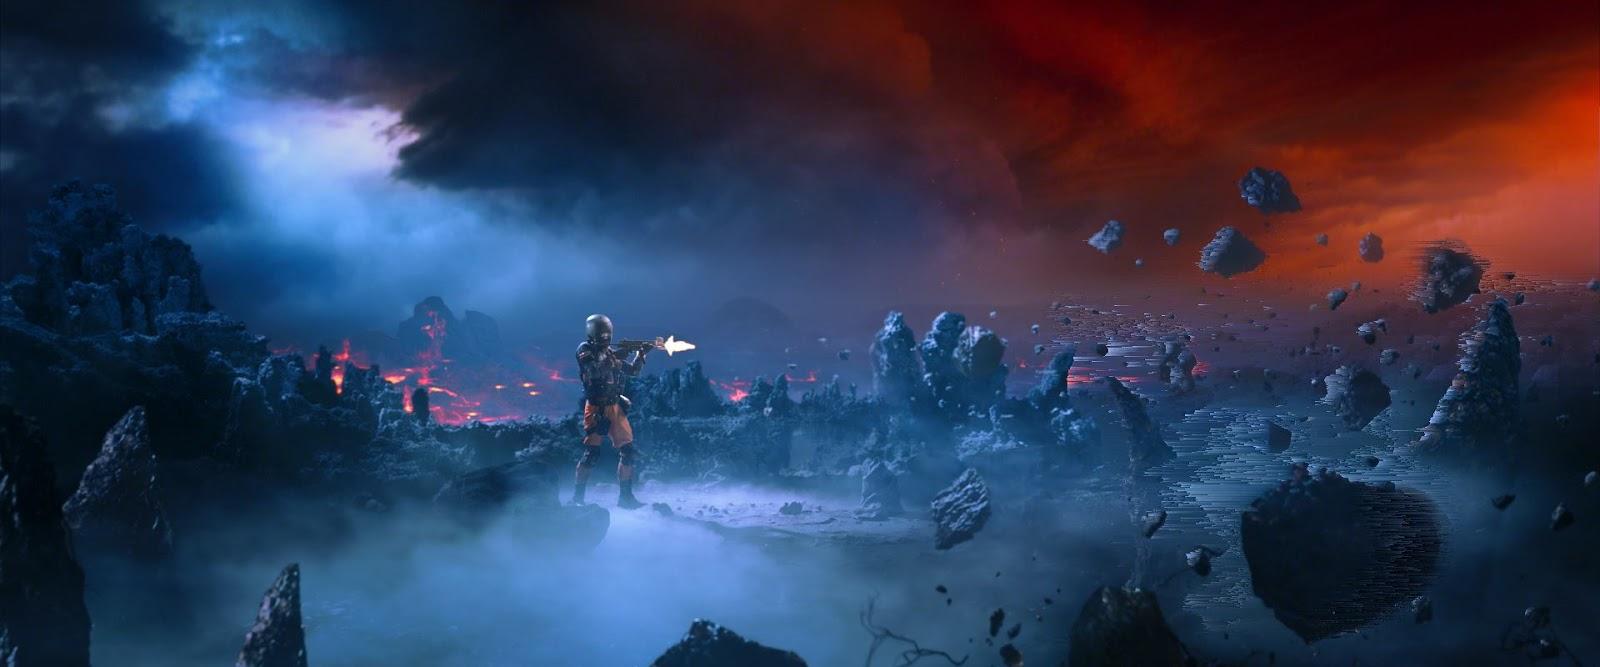 Uncanny Valley - Cortometraje de ciencia ficción - Una realidad no tan virtual